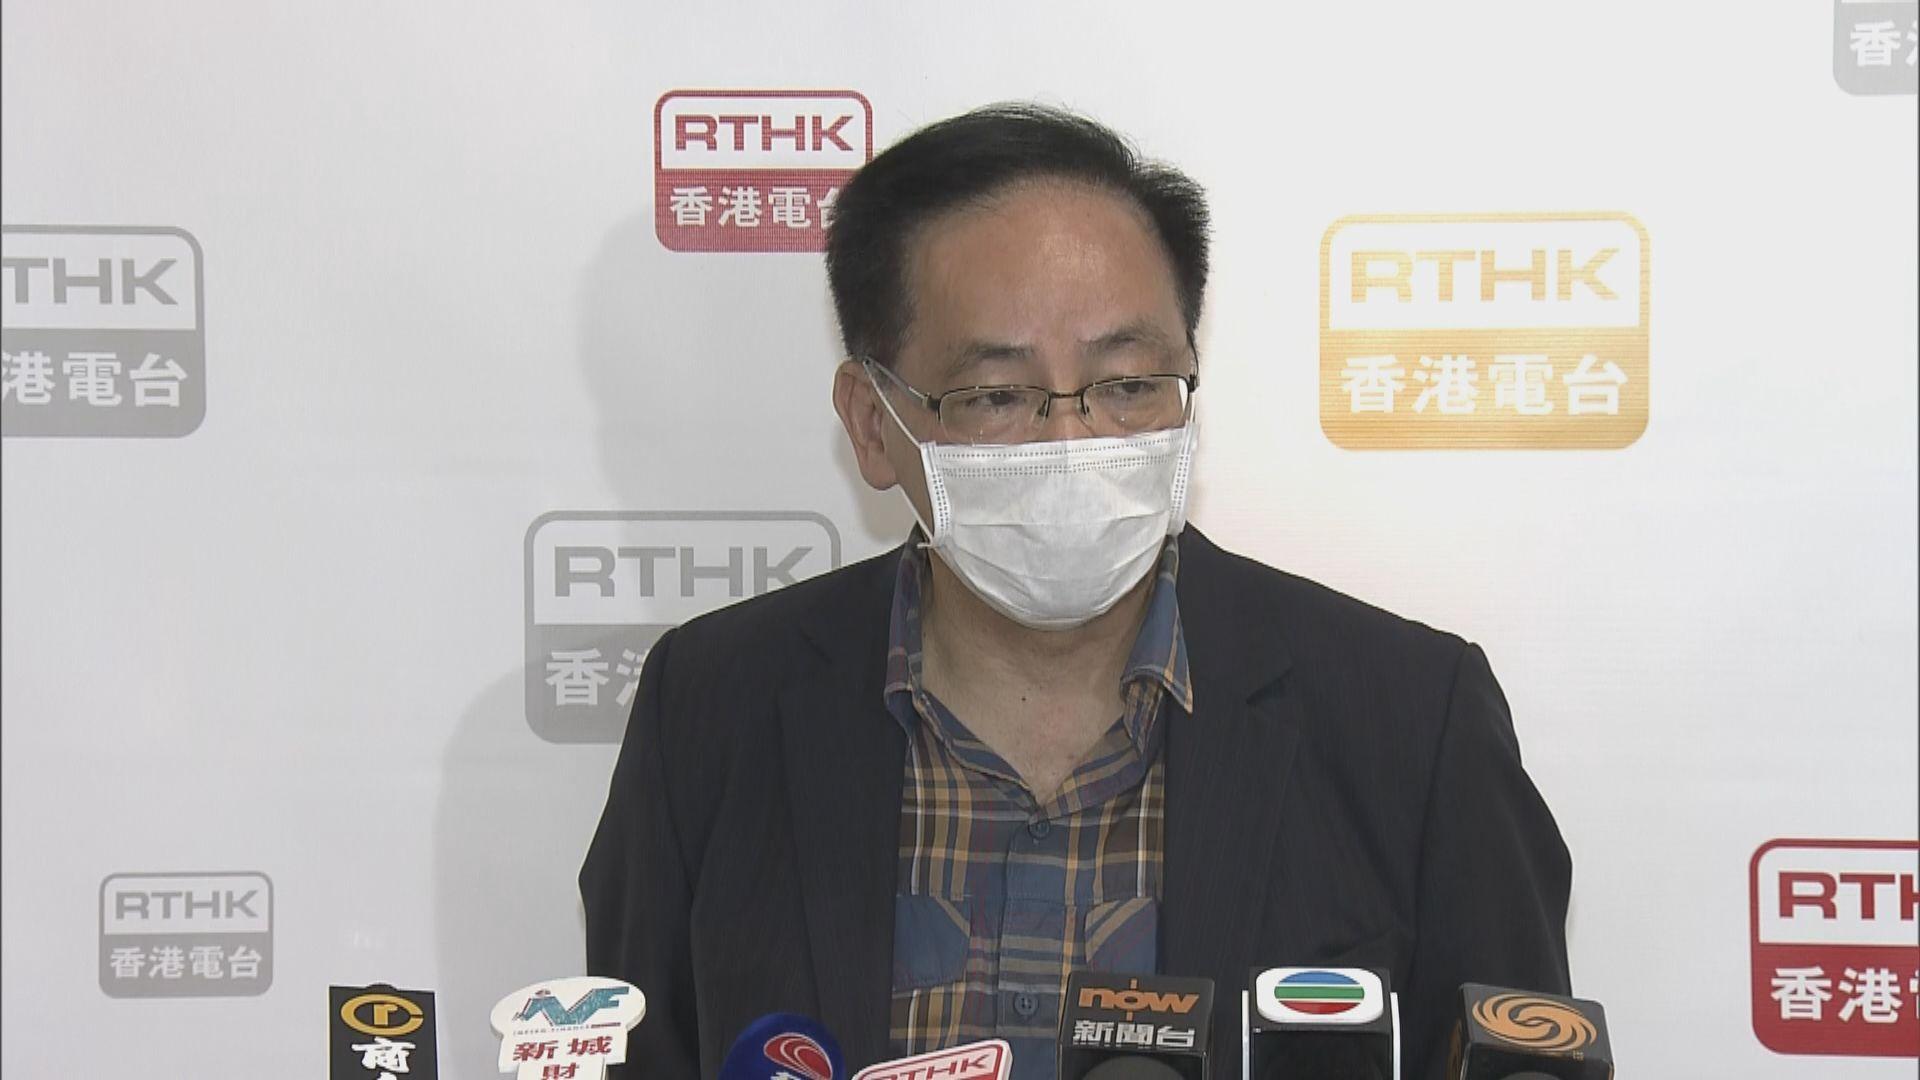 葉國謙將赴京列席人大常委會 料表決國安法